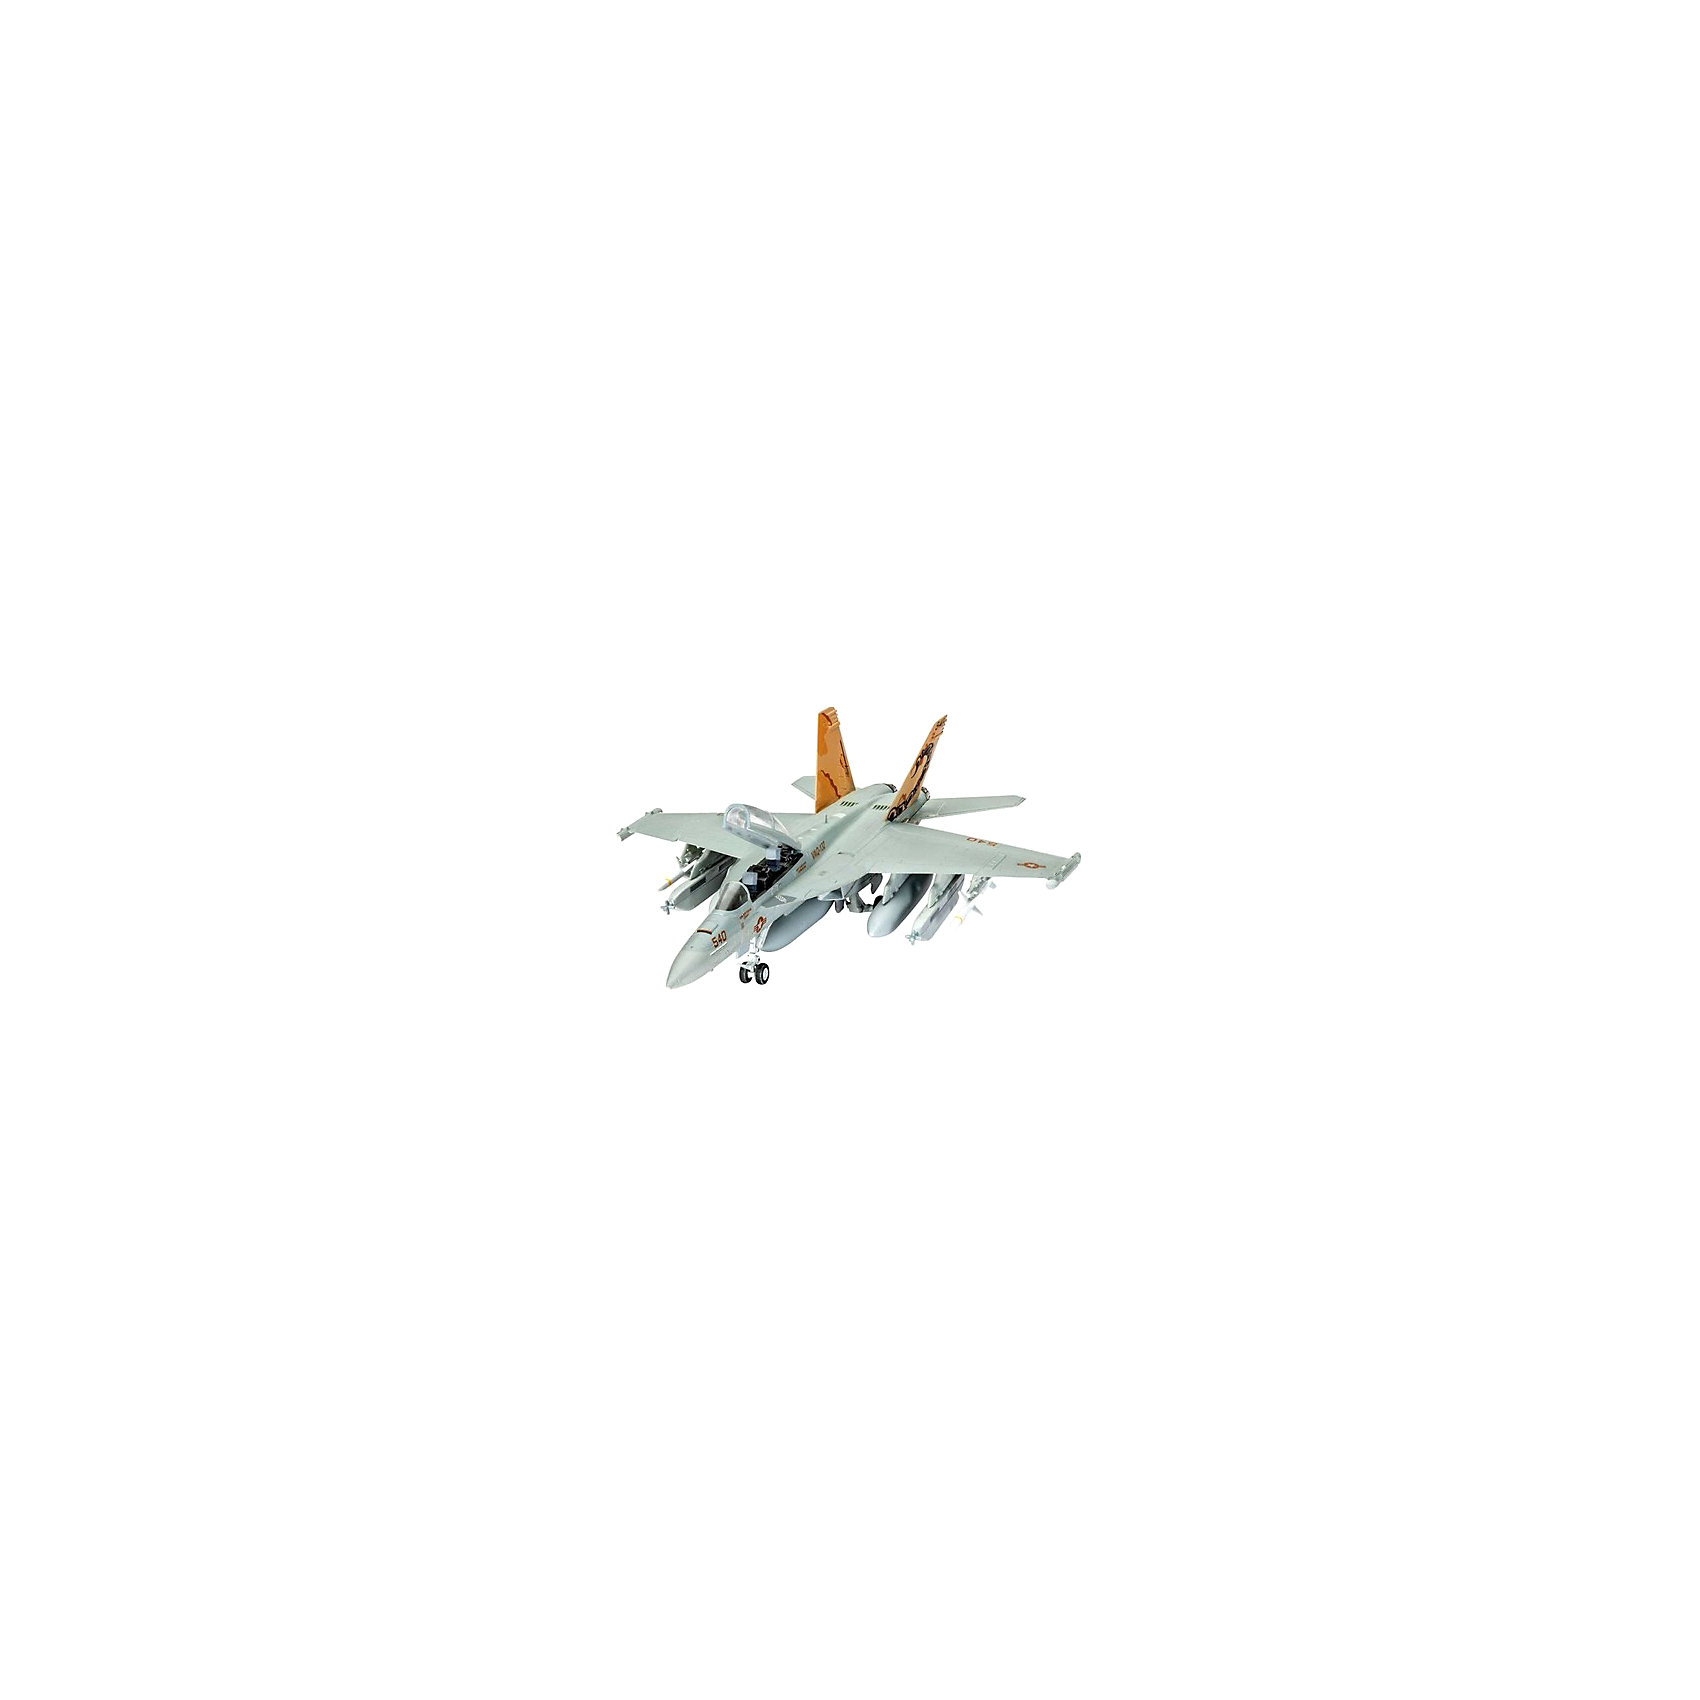 Набор Самолёт радиоэлектронной борьбы, RevellСборные модели транспорта<br>Самолёт EA-18G Growler используется военно-воздушными силами США в радиоэлектронной борьбе для уничтожения вражеских средств связи. Его миссия заключается в мониторинге и атаке вражеских центров коммуникации и радарных установок.  Превосходно выполненная сборная модель самолёта радиоэлектронной борьбы EA-18G Growler от немецкой компании Revell является абсолютно точной уменьшенной копией своего прототипа в масштабе 1:144. Модель тщательно проработанная, особое внимание уделялось деталям. Фактурные поверхности, детализированная кабина пилота с двумя сиденьями, которые могут катапультироваться, характерные шасси, а также оборудование для радиоэлектронной борьбы приближают макет самолёта к своему оригиналу. Всего модель состоит из 63 отдельных компонентов, которые необходимо собрать, склеить и покрыть краской в соответствии с инструкцией в наборе. В комплекте также прилагаются краски подлинных цветов, кисточка, уникальный набор наклеек для создания неповторимого дизайна самолёта, а также клей в удобной упаковке.  Великолепная сборная модель американского самолёта EA-18G Growler разработана немецкой компанией Revell для детей от 10 лет. Так похожая на оригинал, модель определённо обрадует не только юных поклонников моделирования, но и взрослых любителей и коллекционеров военной техники разных стран. Моделирование относят к одному из наиболее полезных хобби, ведь оно отлично тренирует мелкую моторику, развивает такие навыки как усидчивость, аккуратность и внимательность. Кроме того, развивается пространственное мышление, логика и креативность.<br><br>Набор Самолёт радиоэлектронной борьбы, Revell можно купить в нашем магазине.<br><br>Ширина мм: 270<br>Глубина мм: 230<br>Высота мм: 33<br>Вес г: 260<br>Возраст от месяцев: 120<br>Возраст до месяцев: 180<br>Пол: Мужской<br>Возраст: Детский<br>SKU: 4560888